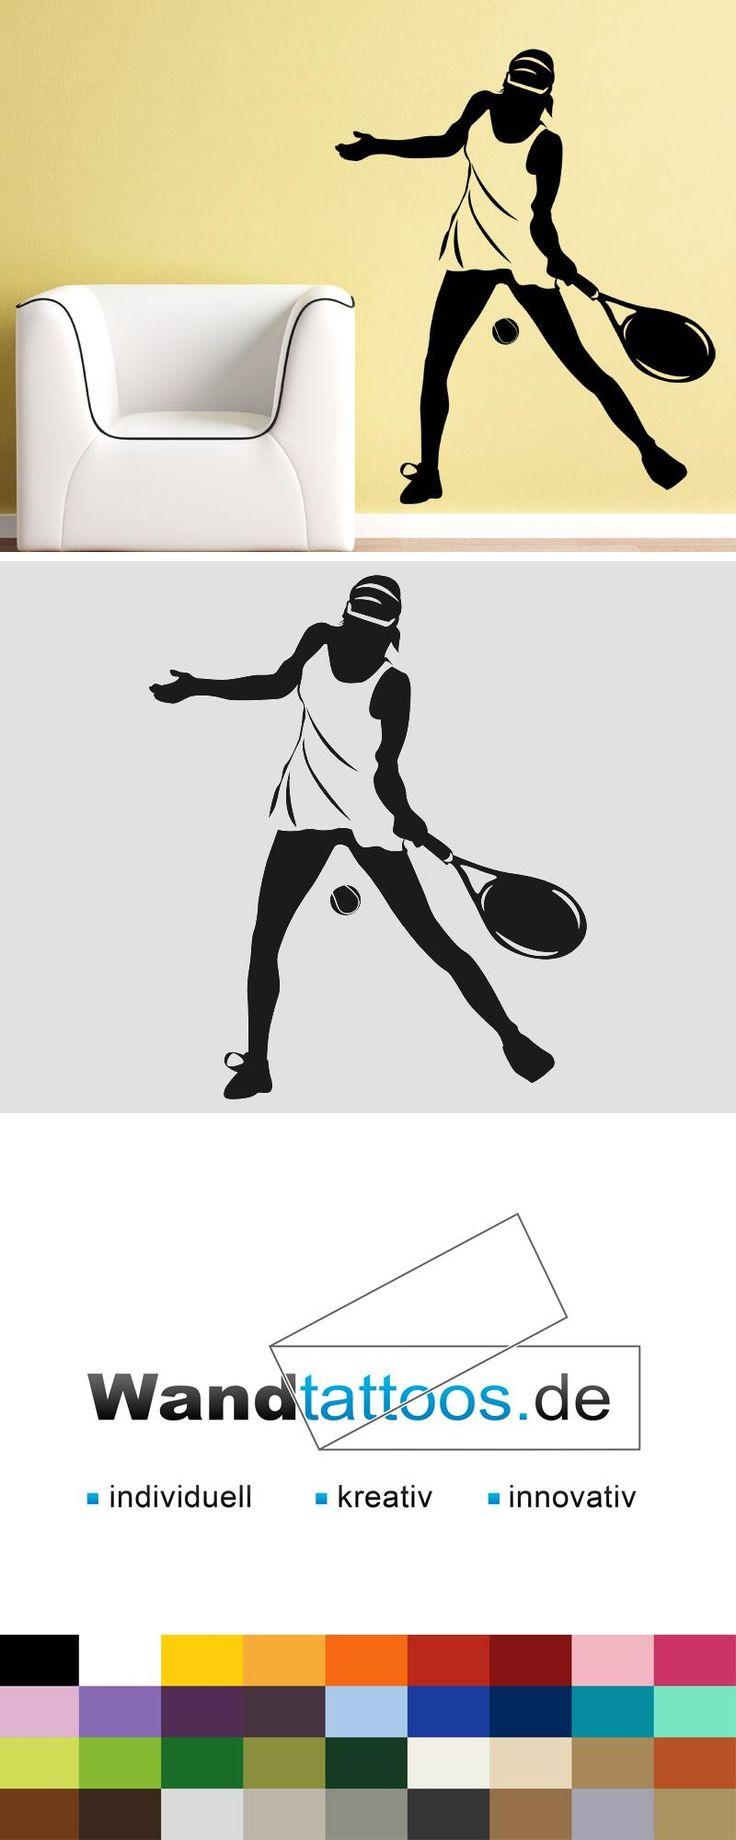 Wandtattoo Tennisspielerin als Idee zur individuellen Wandgestaltung. Einfach Lieblingsfarbe und Größe auswählen. Weitere kreative Anregungen von Wandtattoos.de hier entdecken!